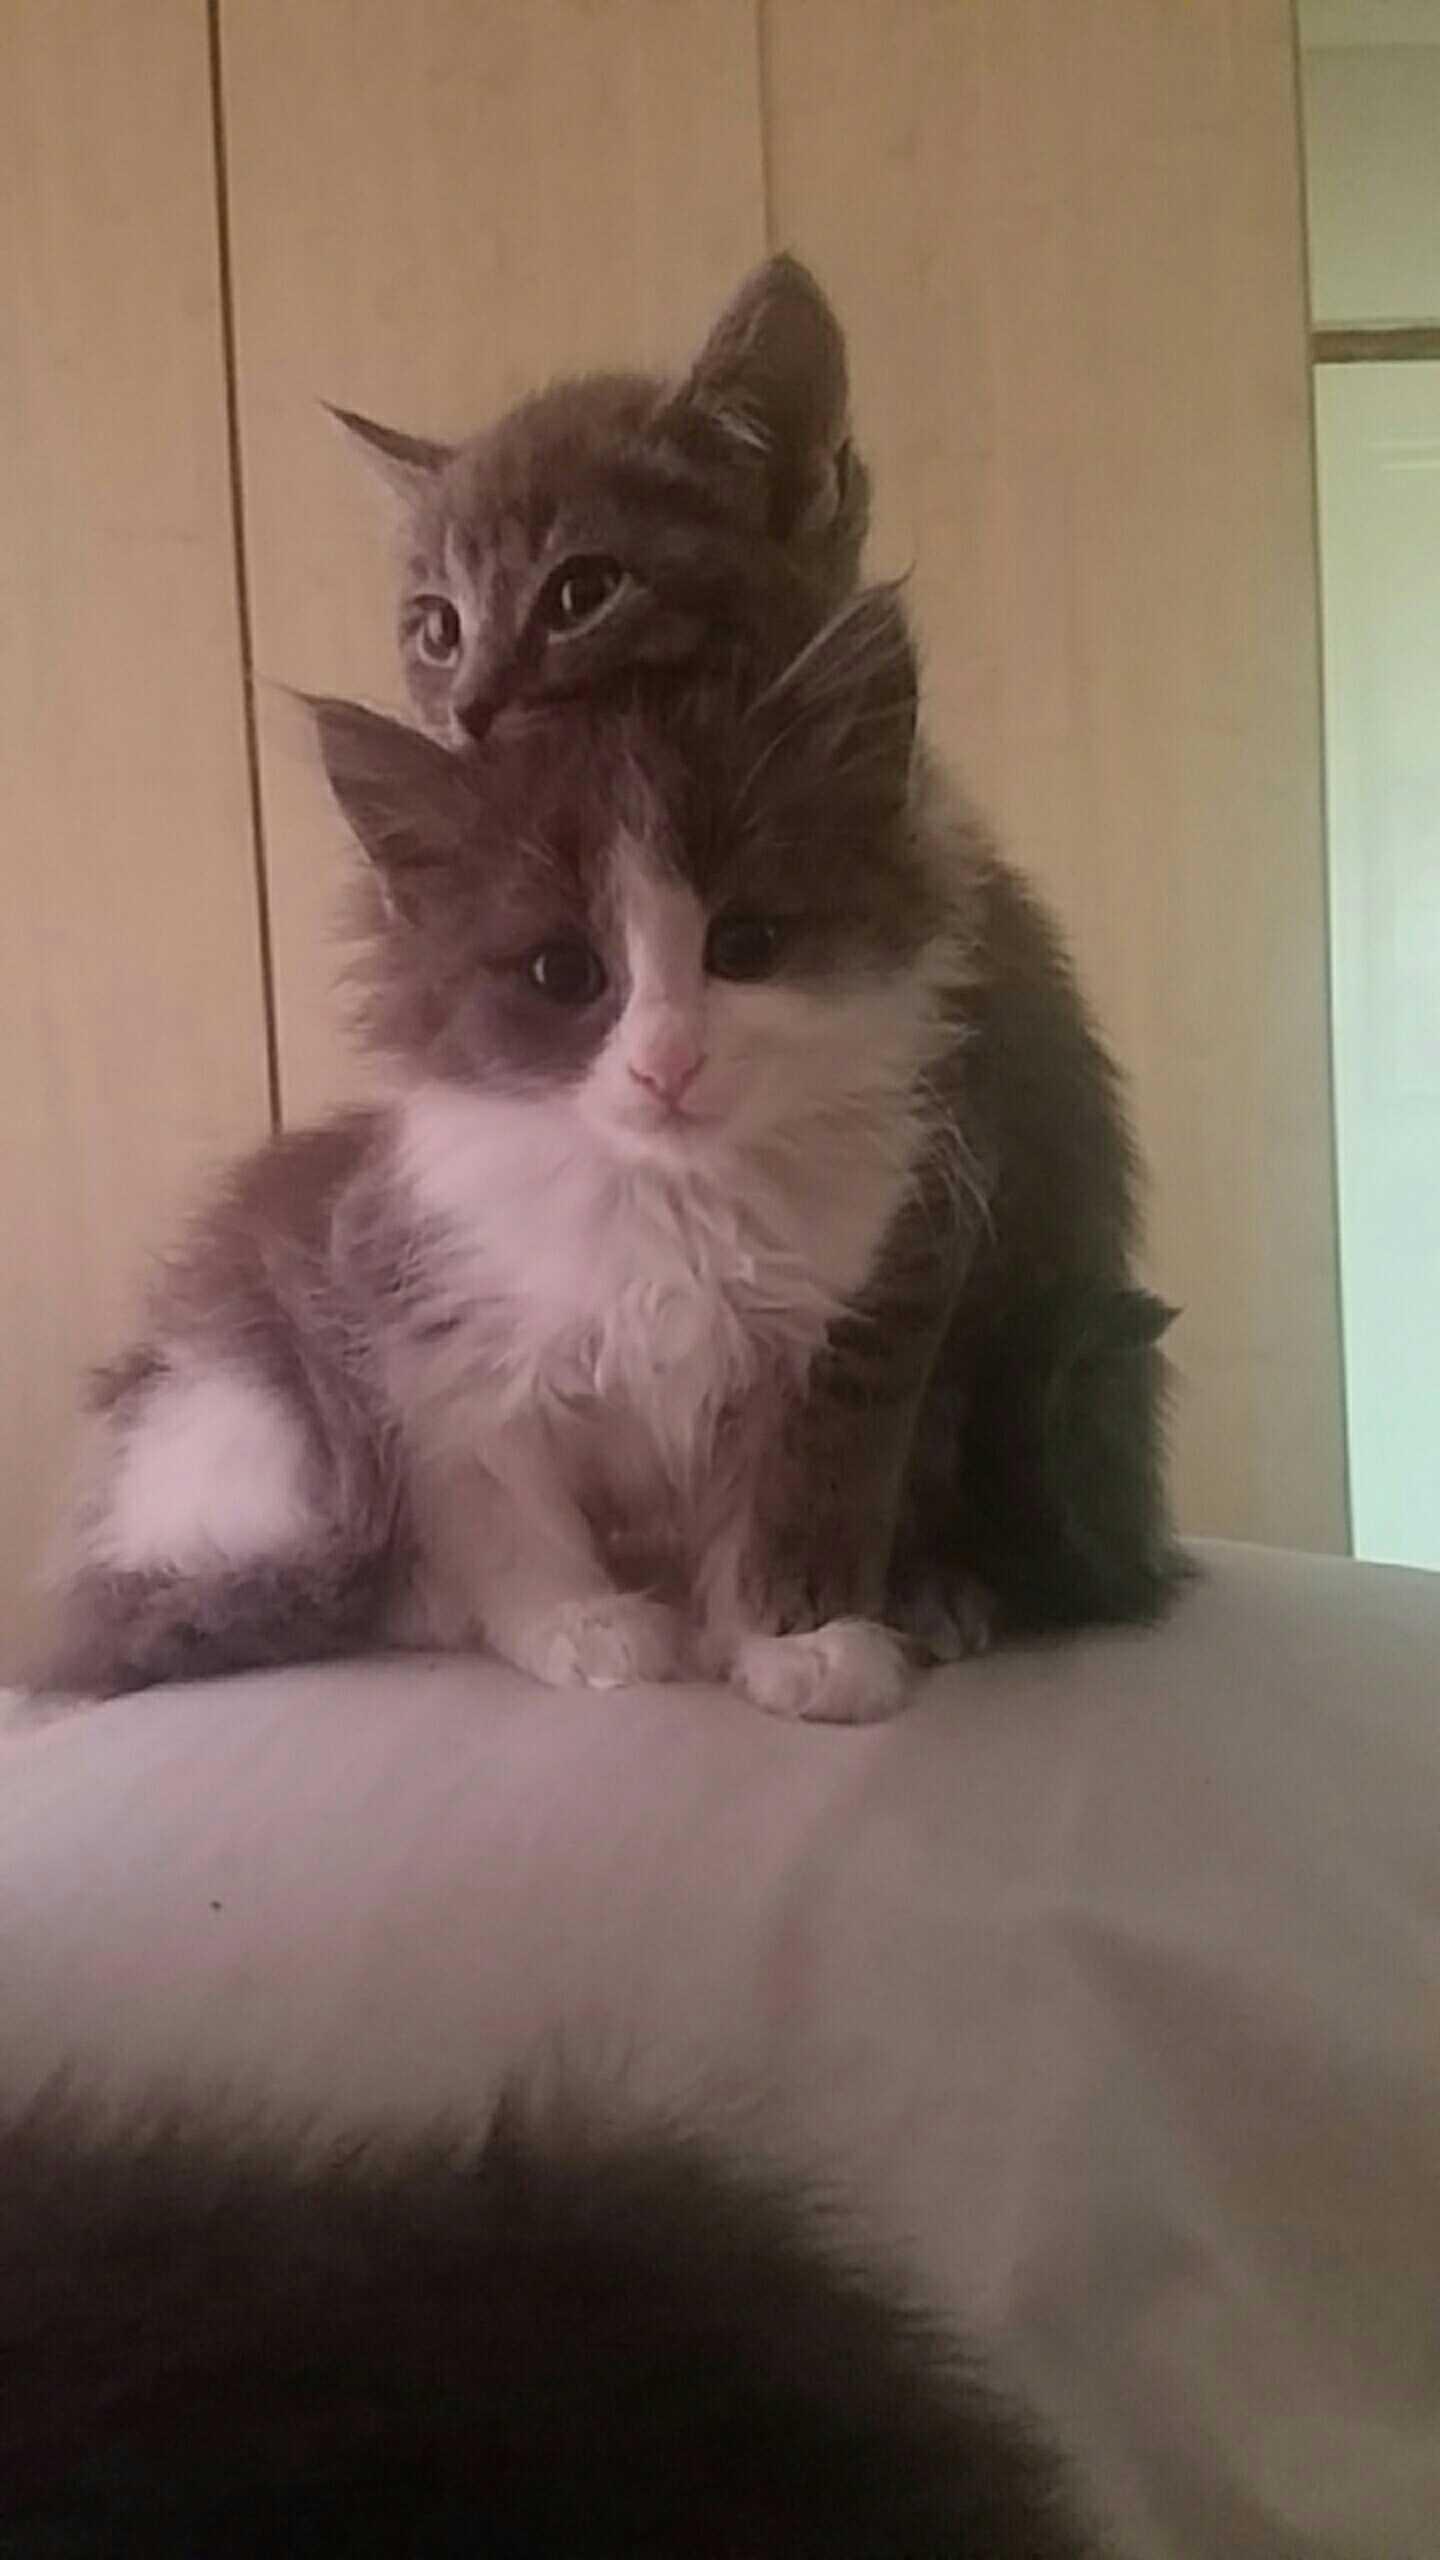 Beautiful fluffy kittens!